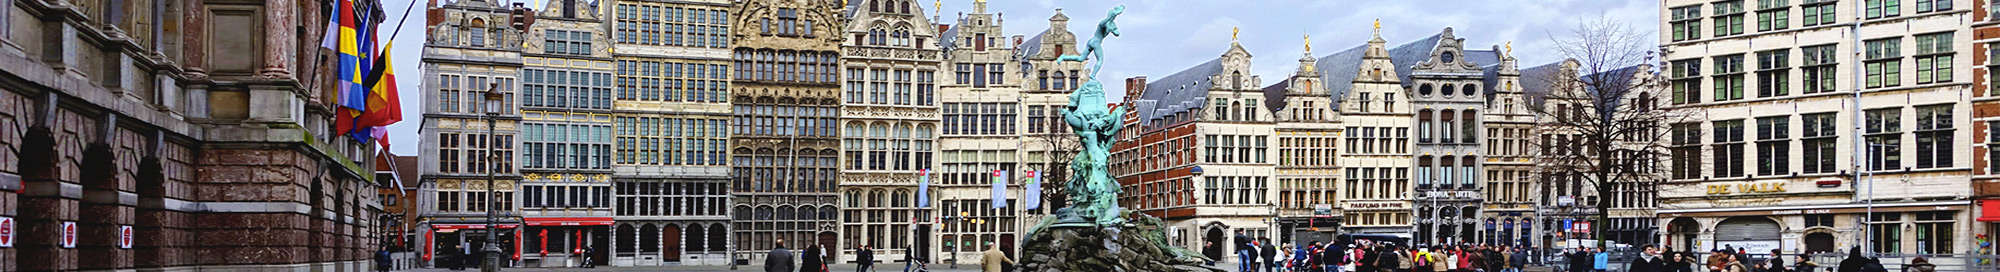 Week-end de 2 nuits et plus à Anvers